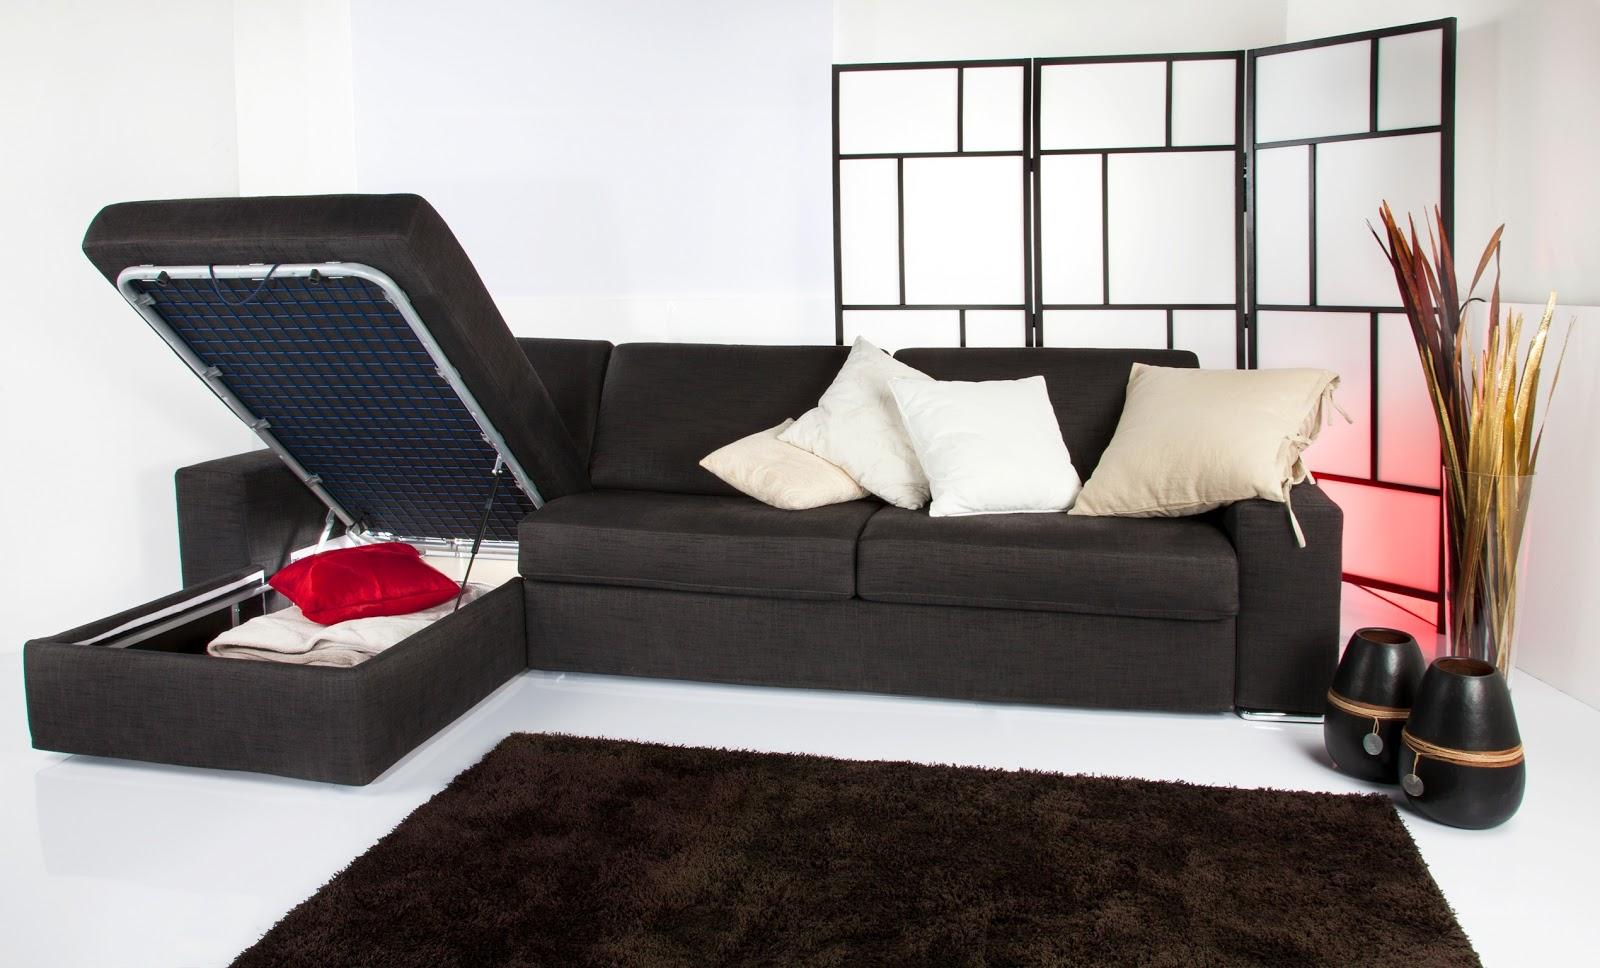 Divani blog tino mariani nuove immagini del divano - Divani letto immagini ...